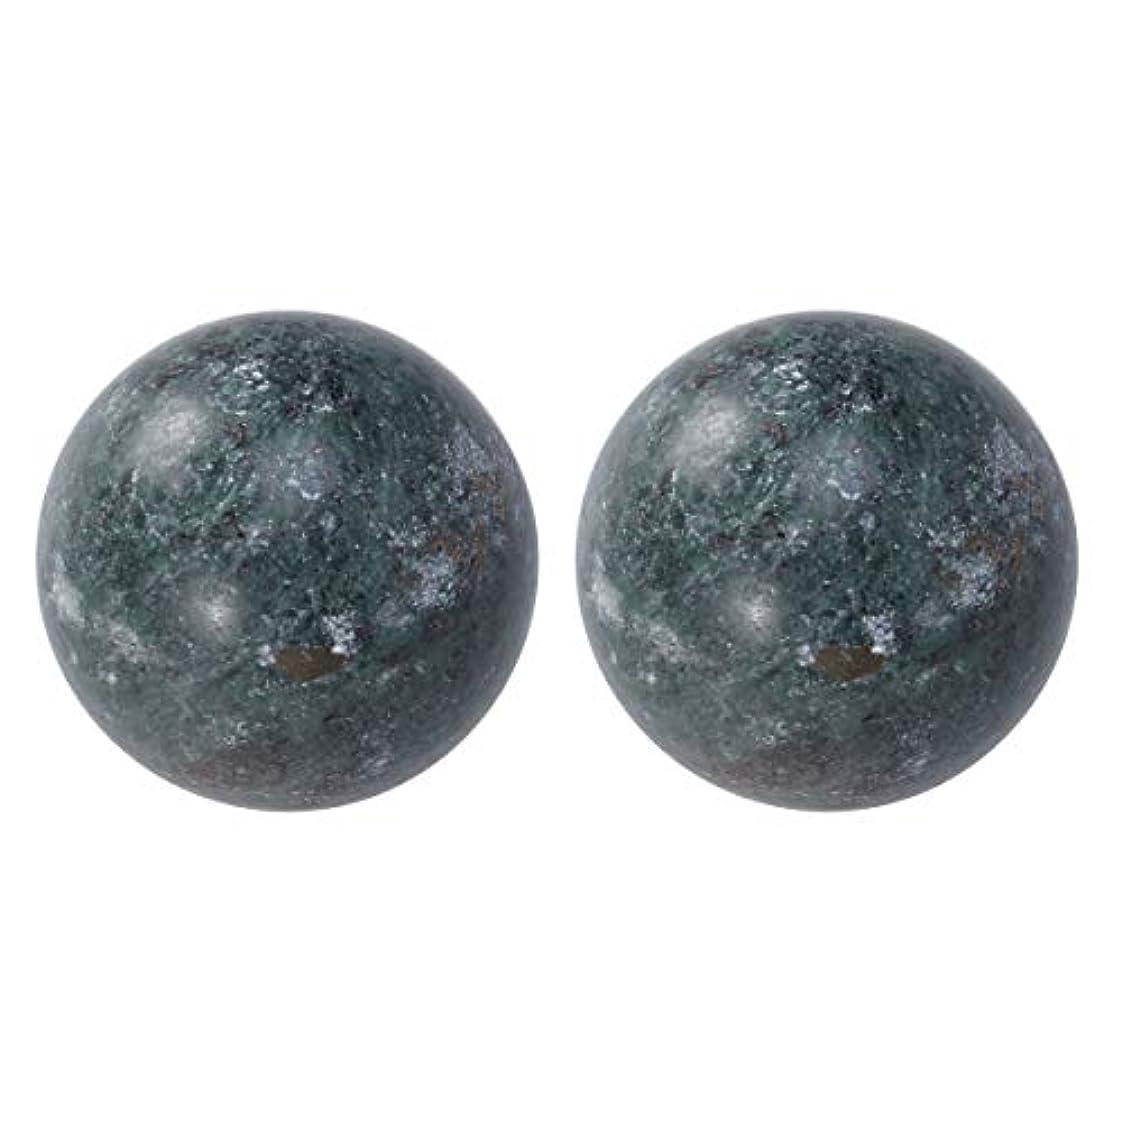 チート簡略化するパーフェルビッドHEALIFTY 2個の自然の翡翠手球ダークグレー中国の健康運動ボーイングボール老人のためのストレスリリーフ(黒)